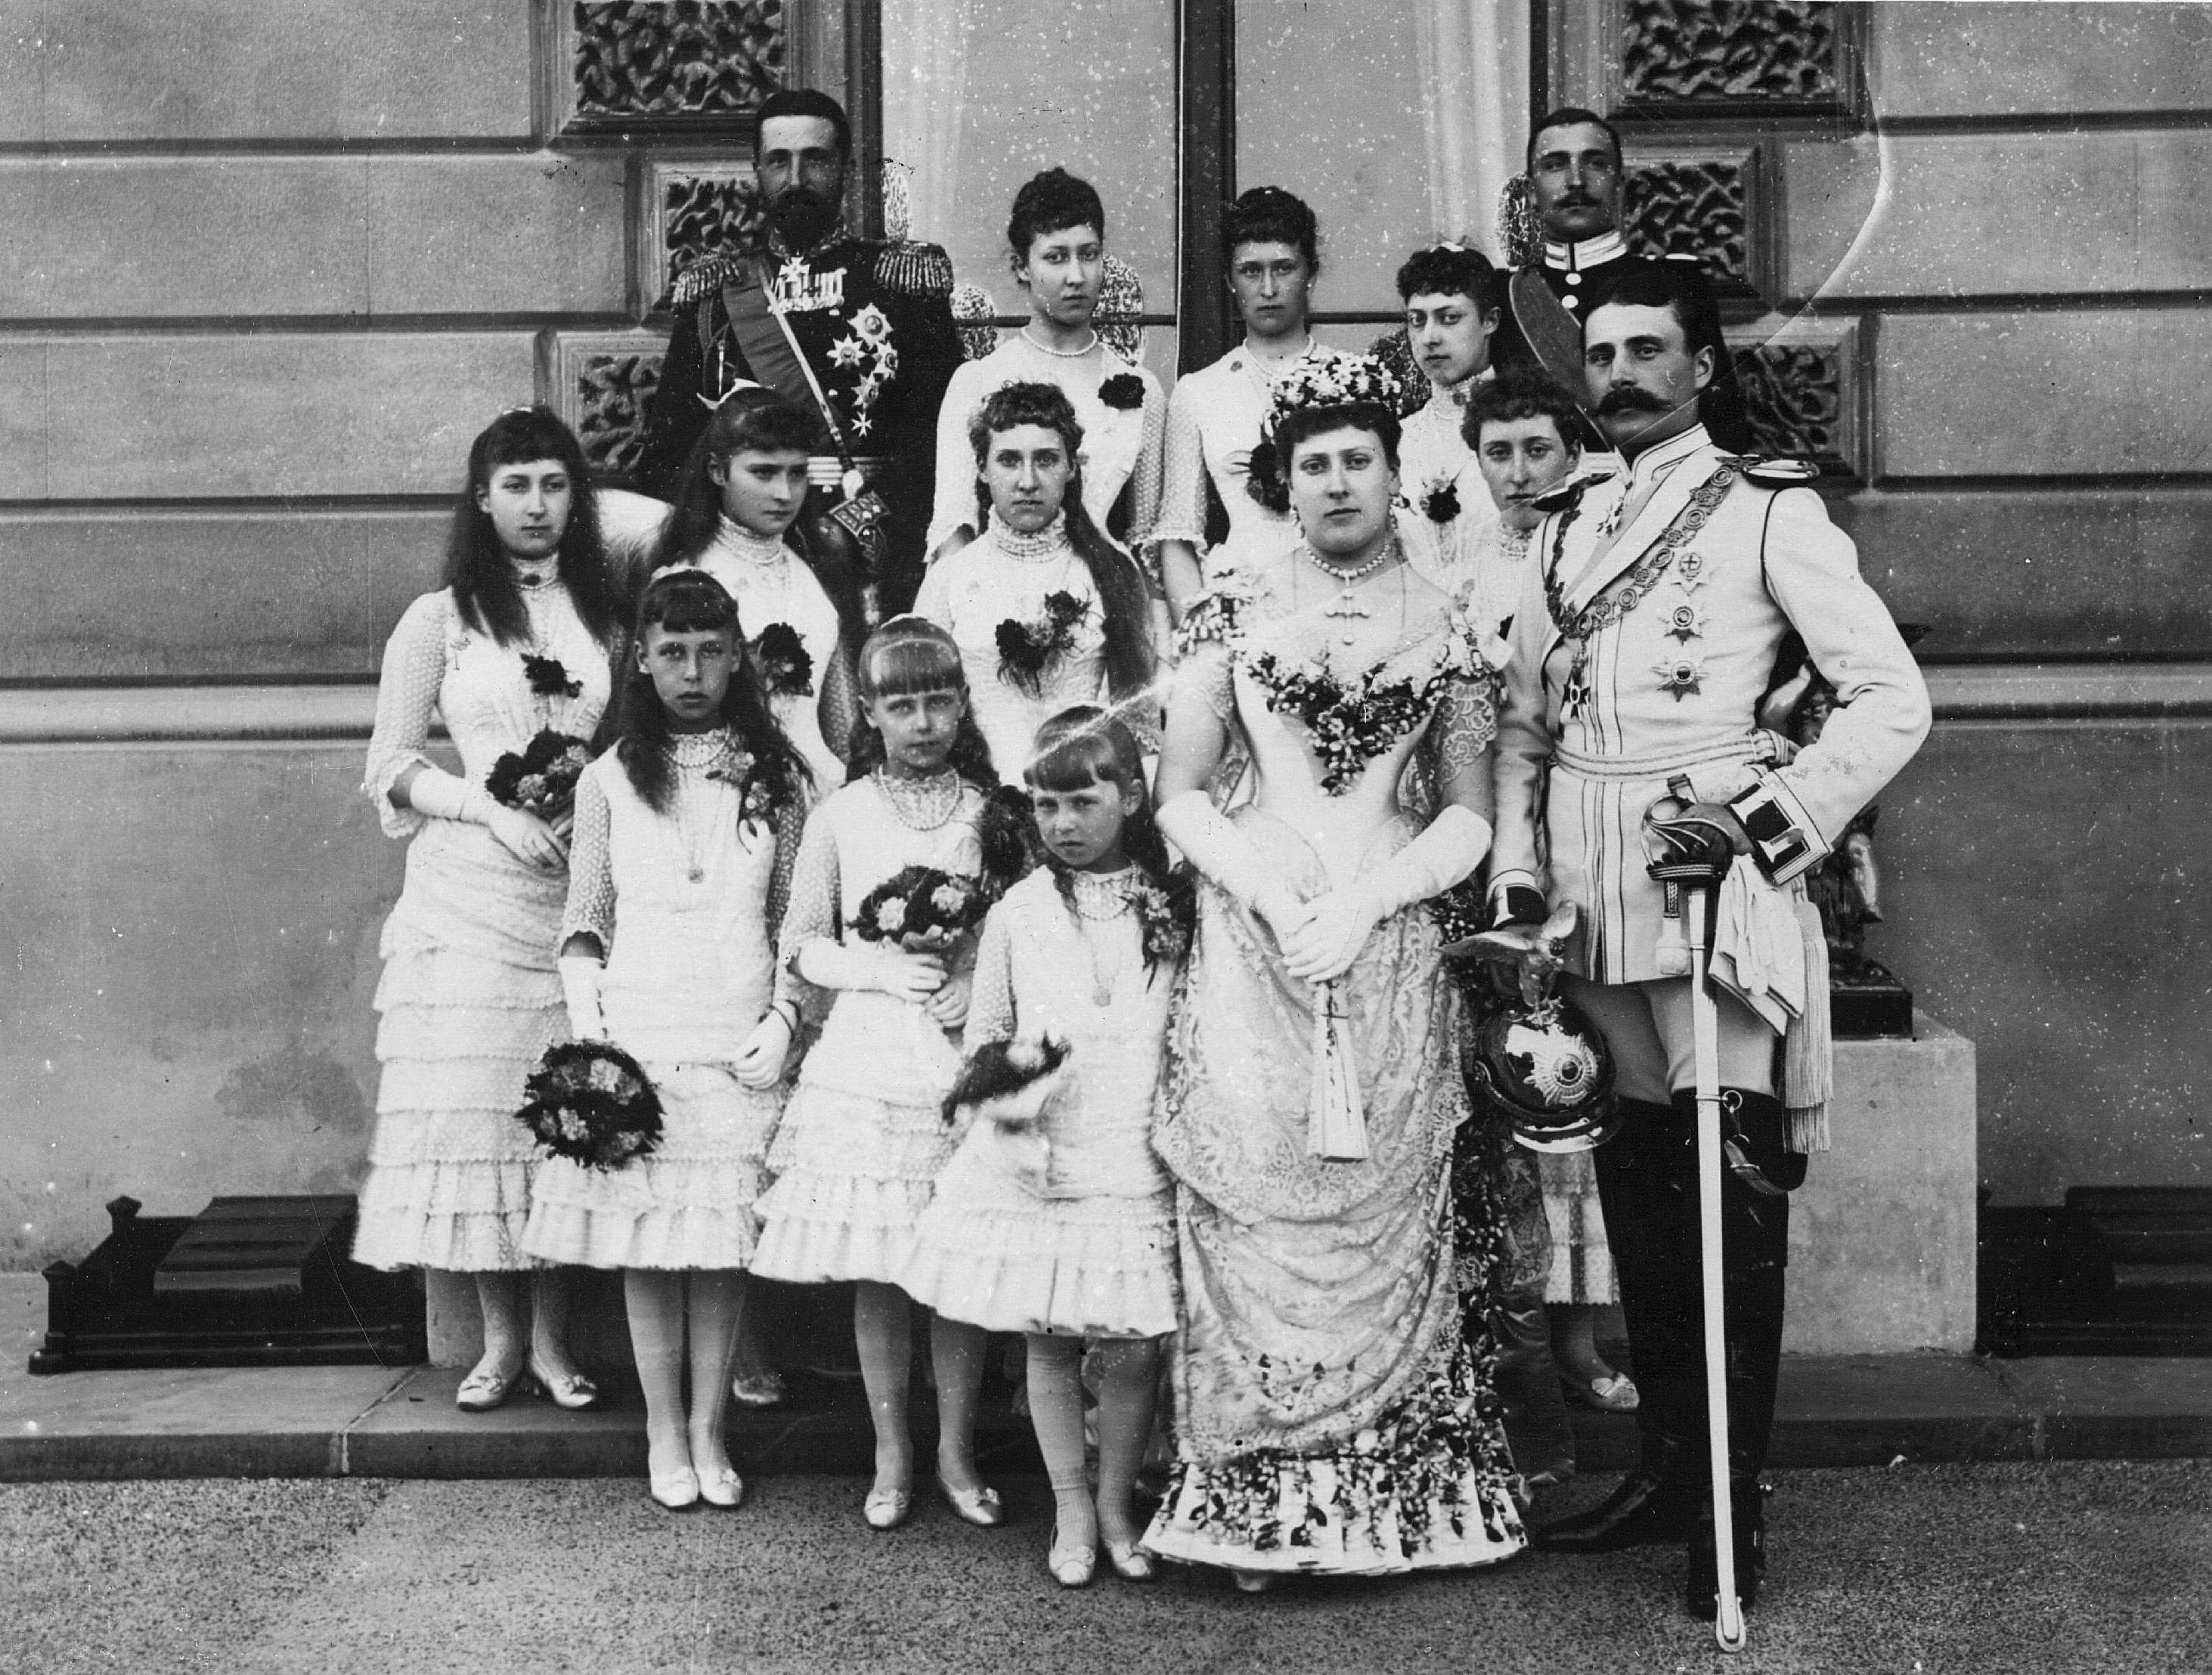 ビクトリア女王の末娘であるベアトリス王女は、1885年にバッテンバーグのヘンリー王子と結婚しました。